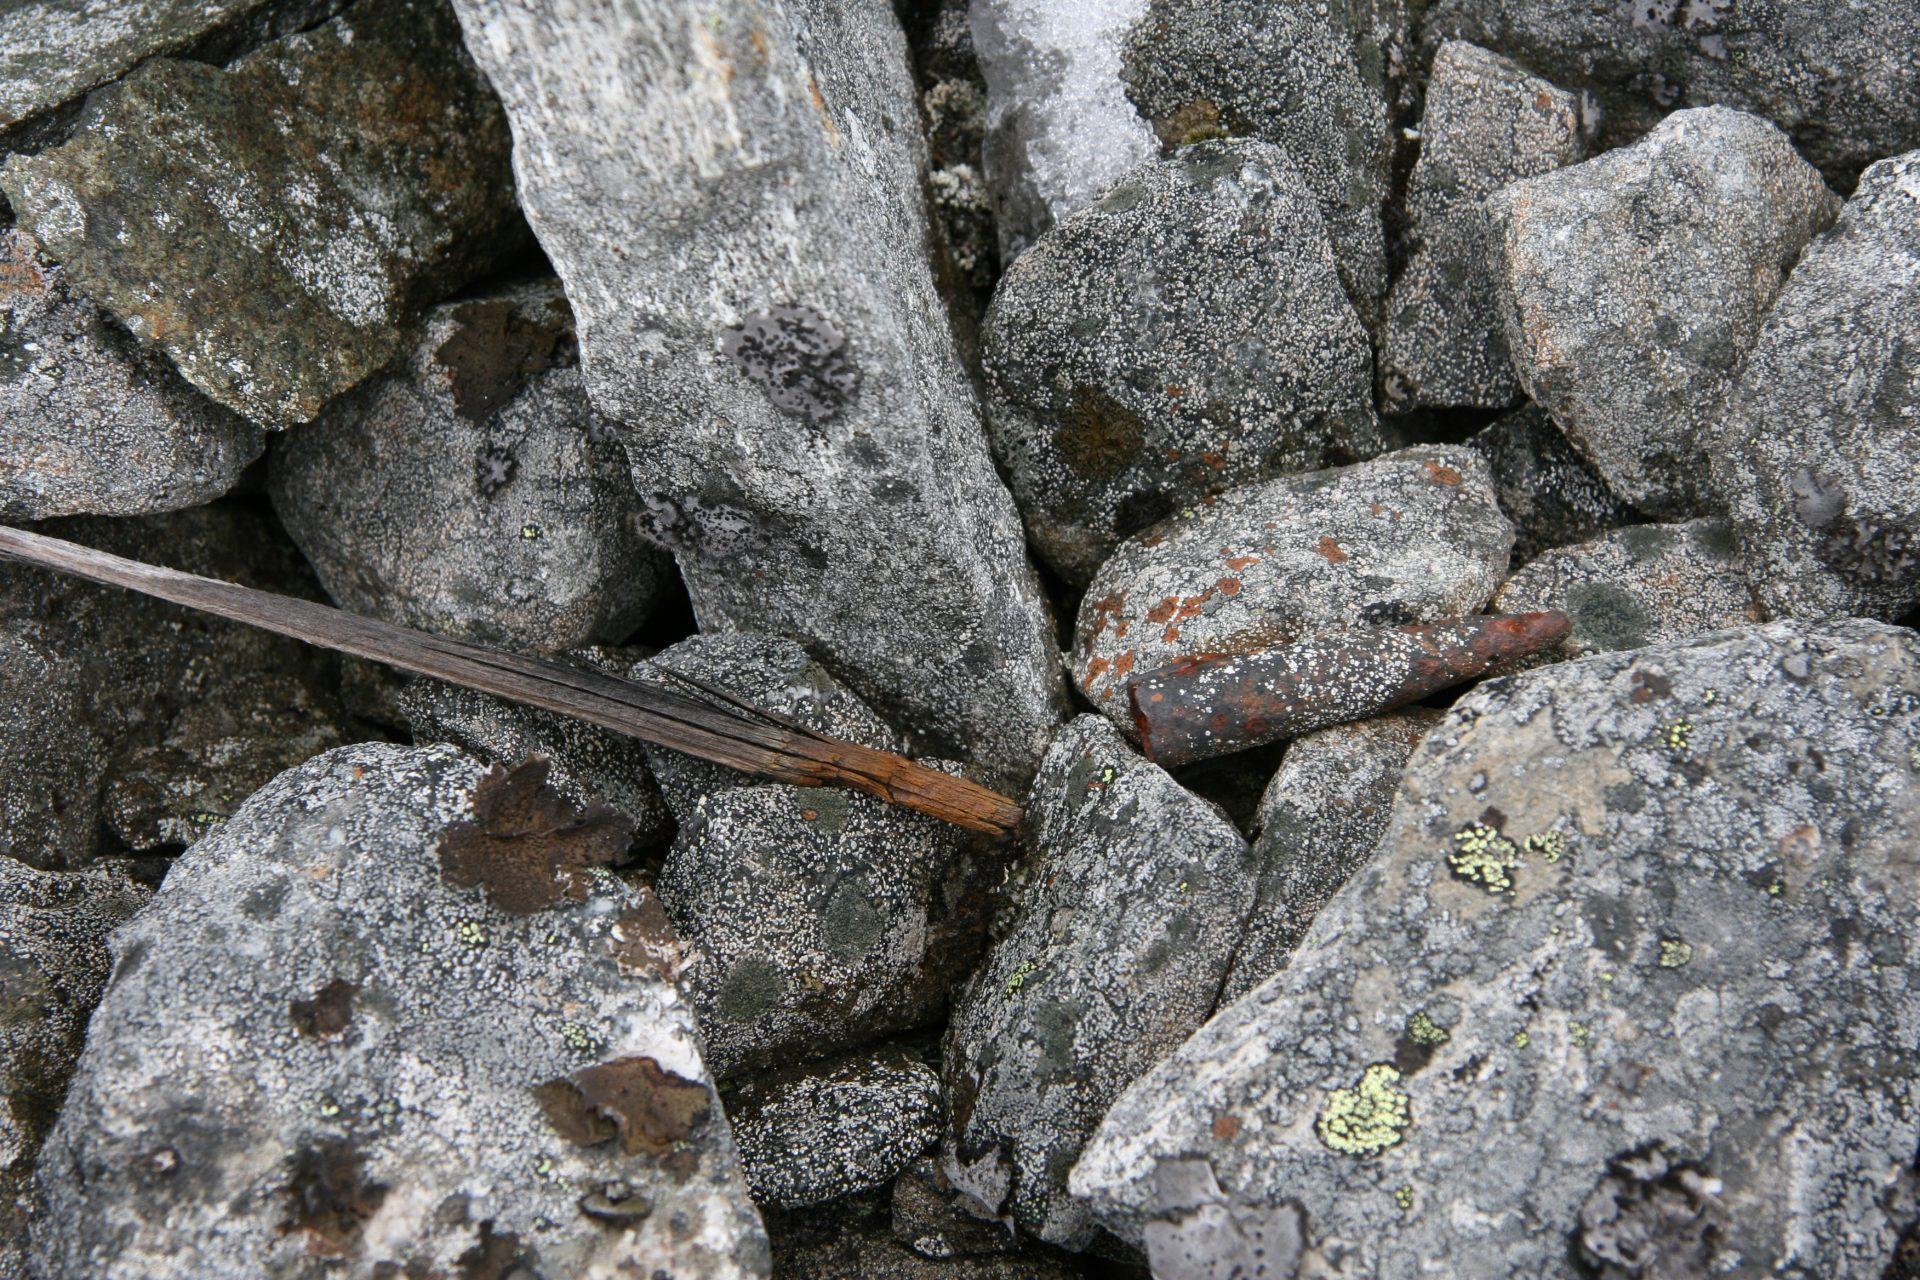 Bildet viser antakelig en skremmepinne i tre som er brukt i forbindelse med reinsjakt. Den har nylig smeltet fram etter å ha ligget under snø og is i mange hundre år. Gjuvfonni ved Juvasshytta. Foto: Terje Hovland / Riksantikvaren